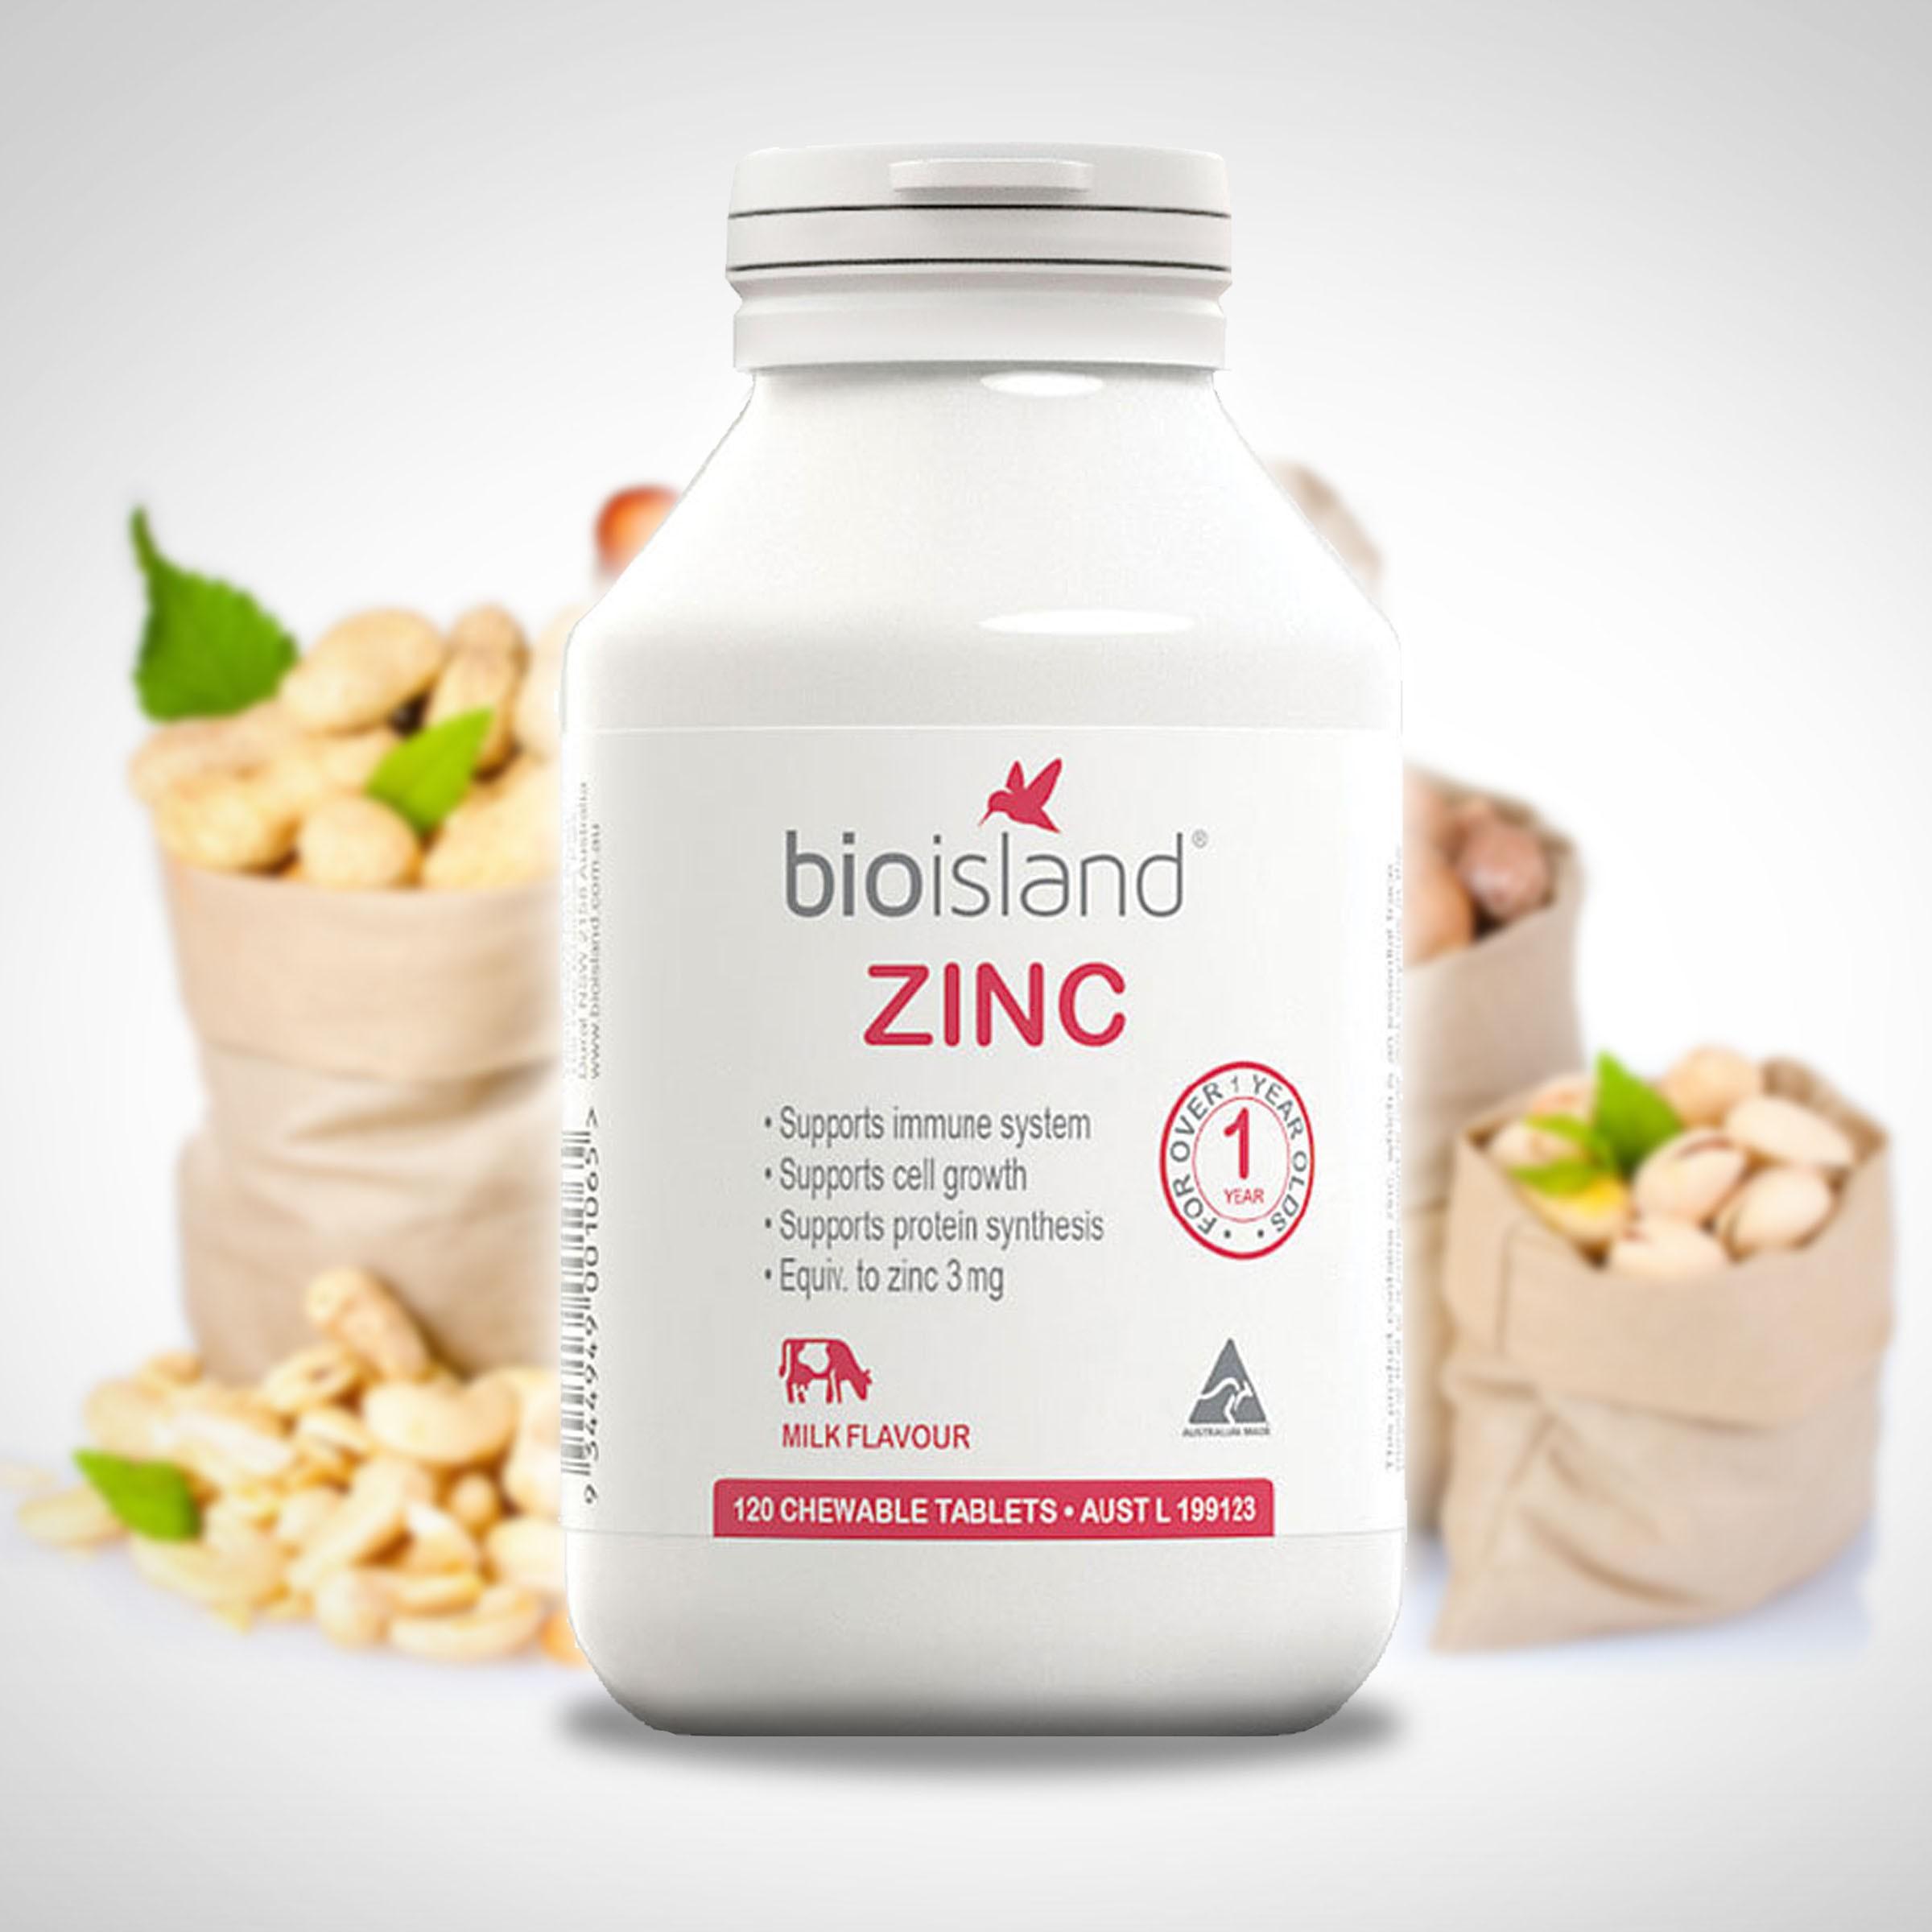 Viên uống bổ sung kẽm cho trẻ bio island zinc